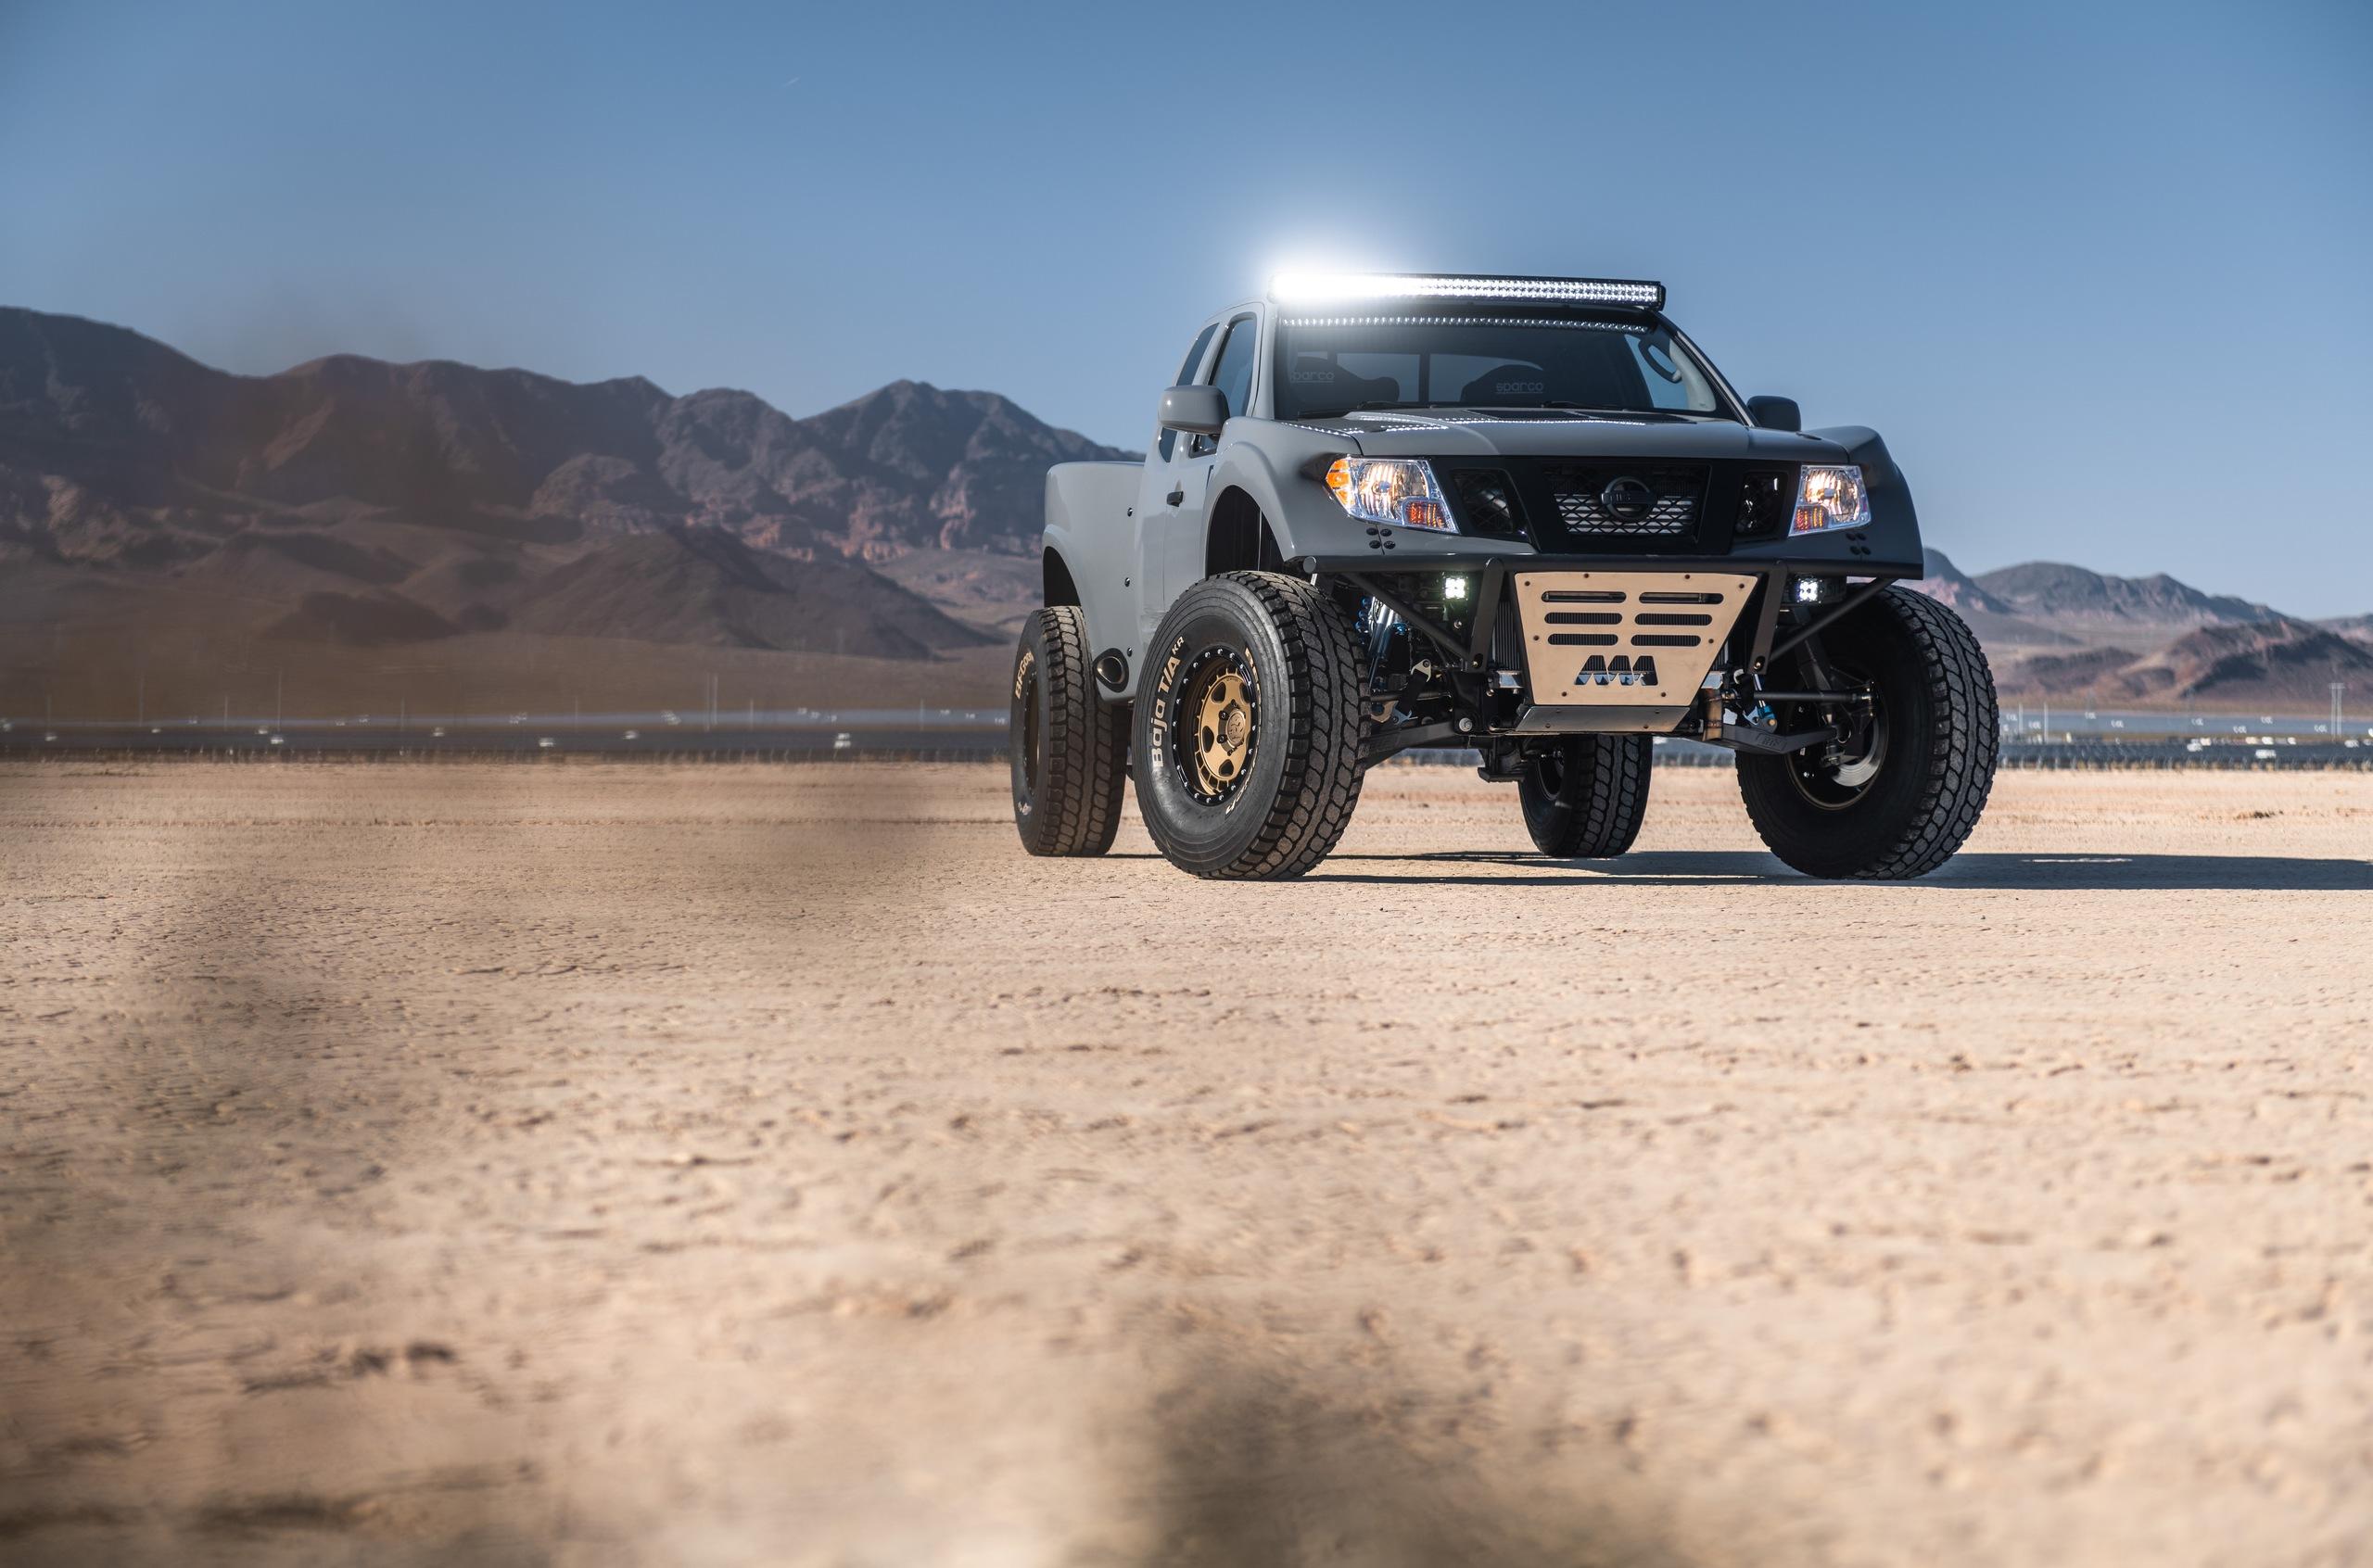 Очередная премьера выставки SEMA – пикап Frontier Desert Runner, оформленный в стиле прераннеров для гонок по пустыням. Взглянем?